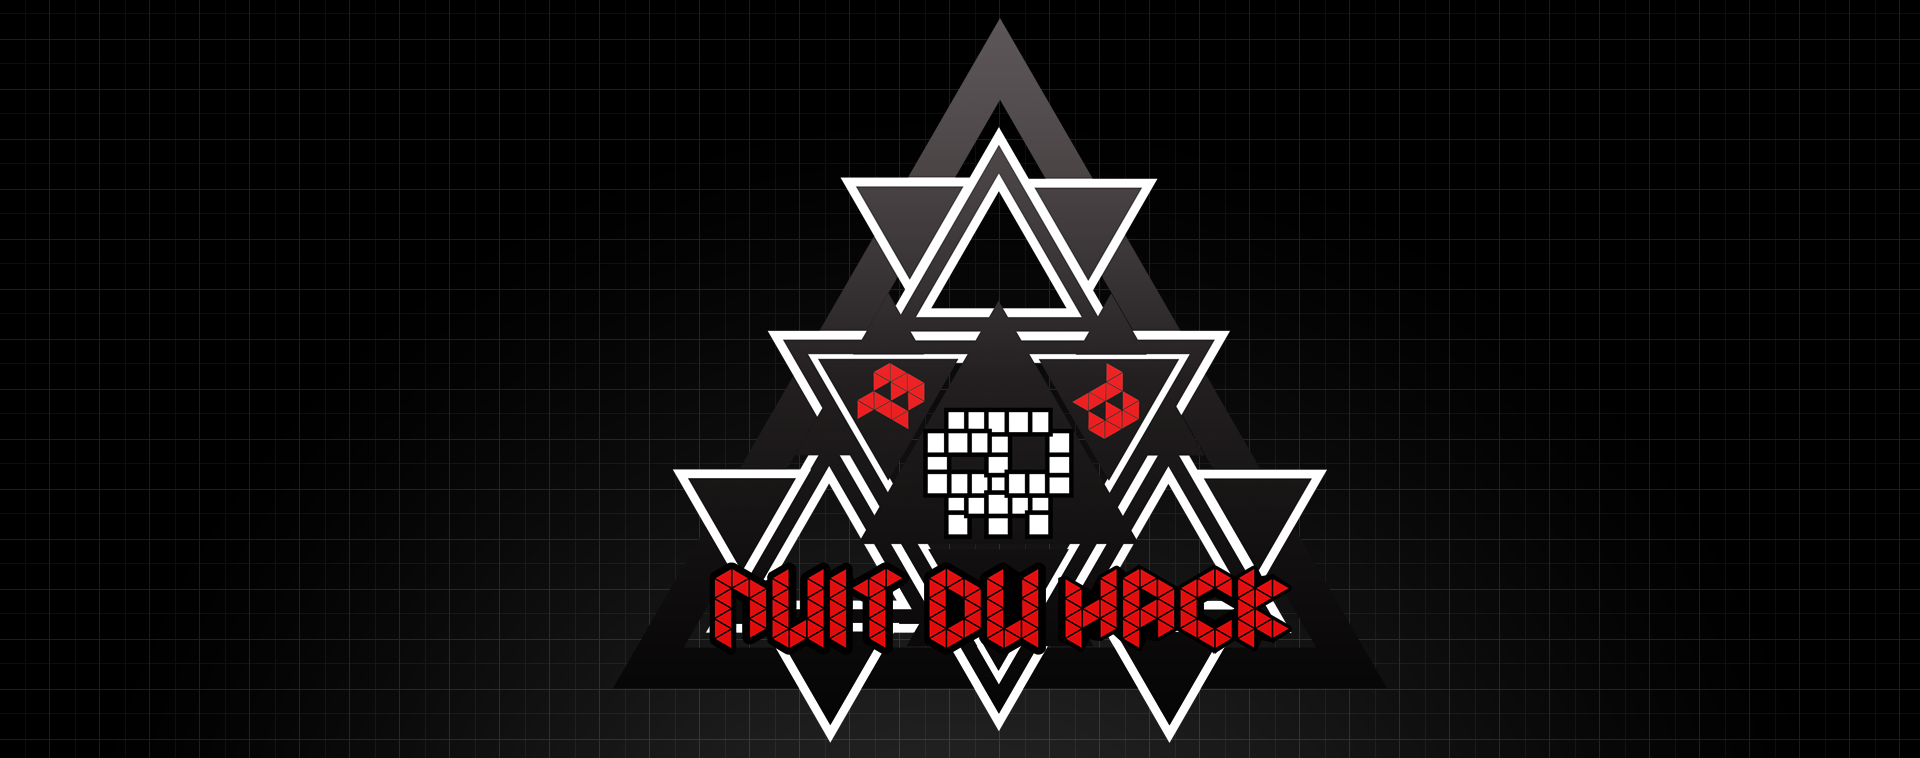 Dernières places à gagner pour la Nuit Du Hack #ndh16 #bugbounty